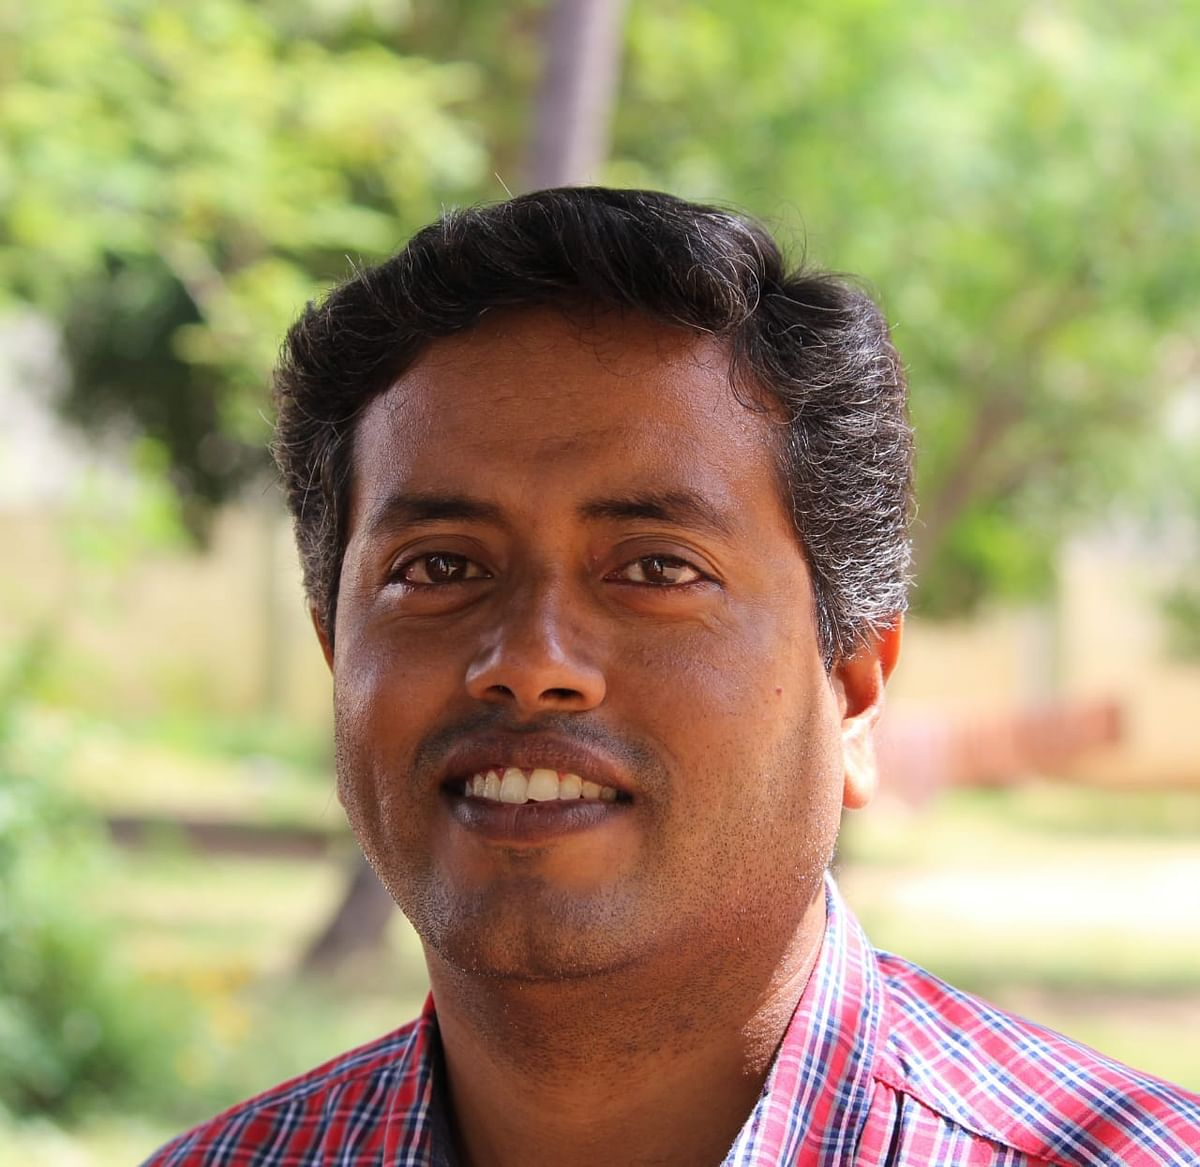 சித்த மருத்துவர் S. செந்தில் கருணாகரன்